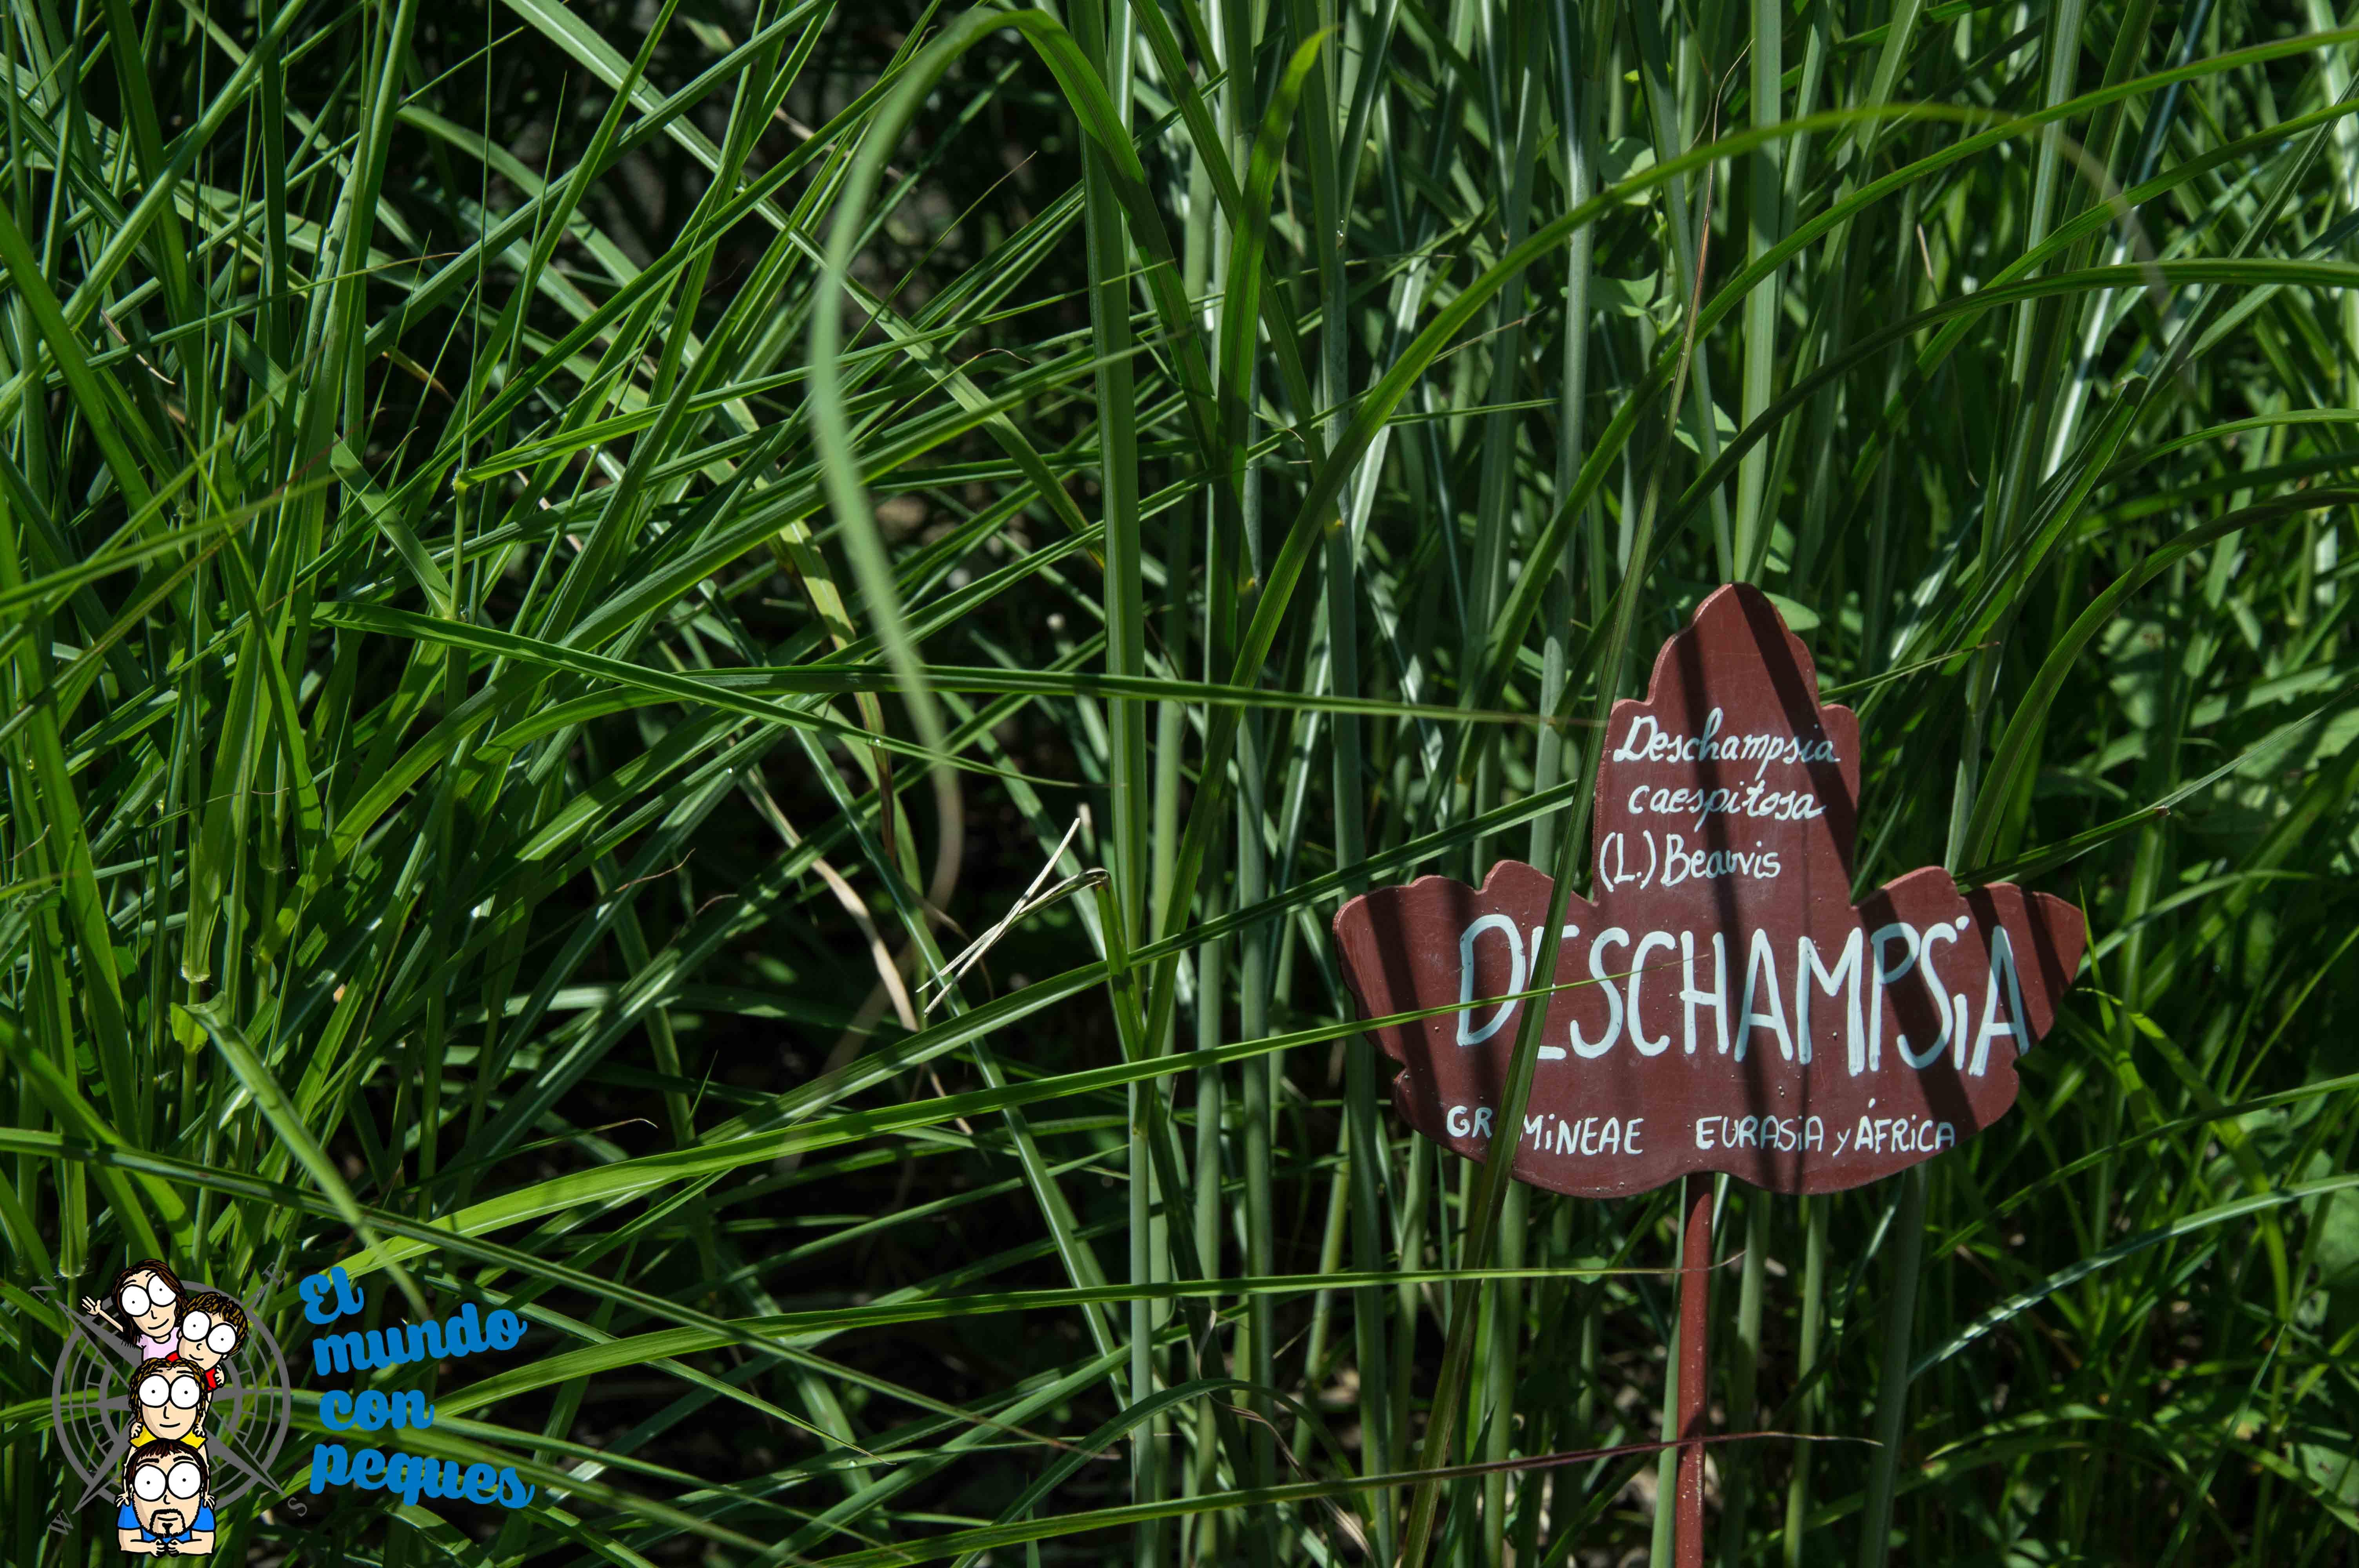 Diferentes especies en Jardín Botánico de Santa Catalina